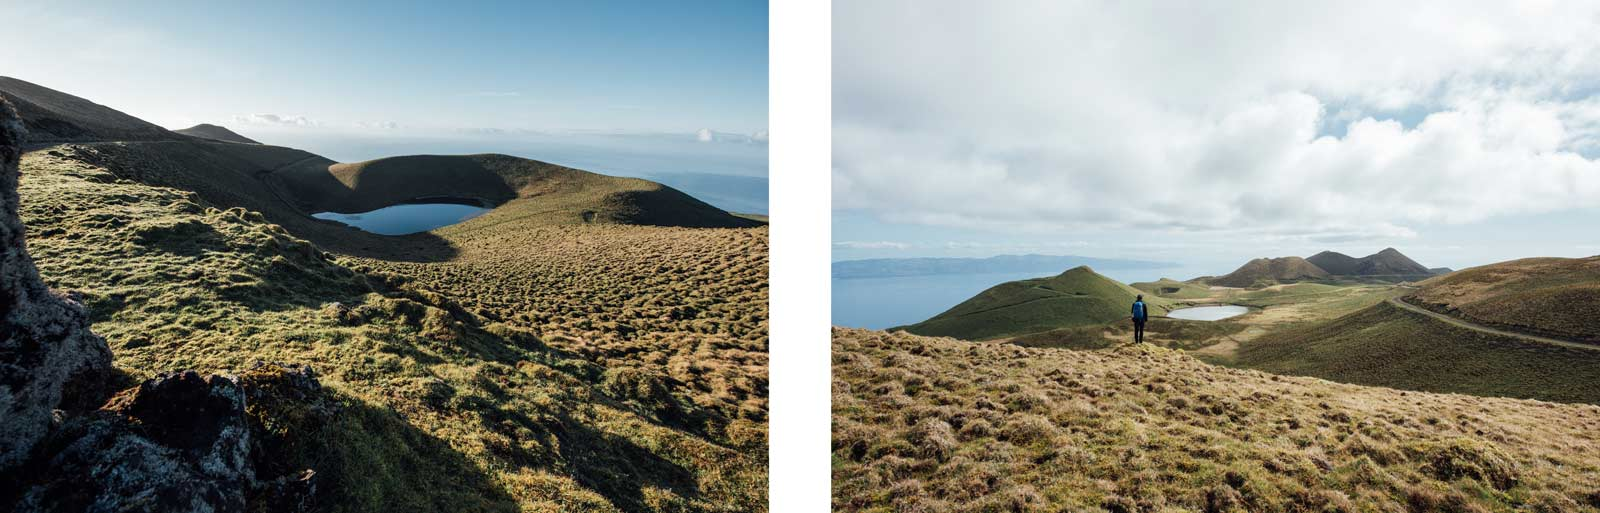 Ile de Pico, Les Açores